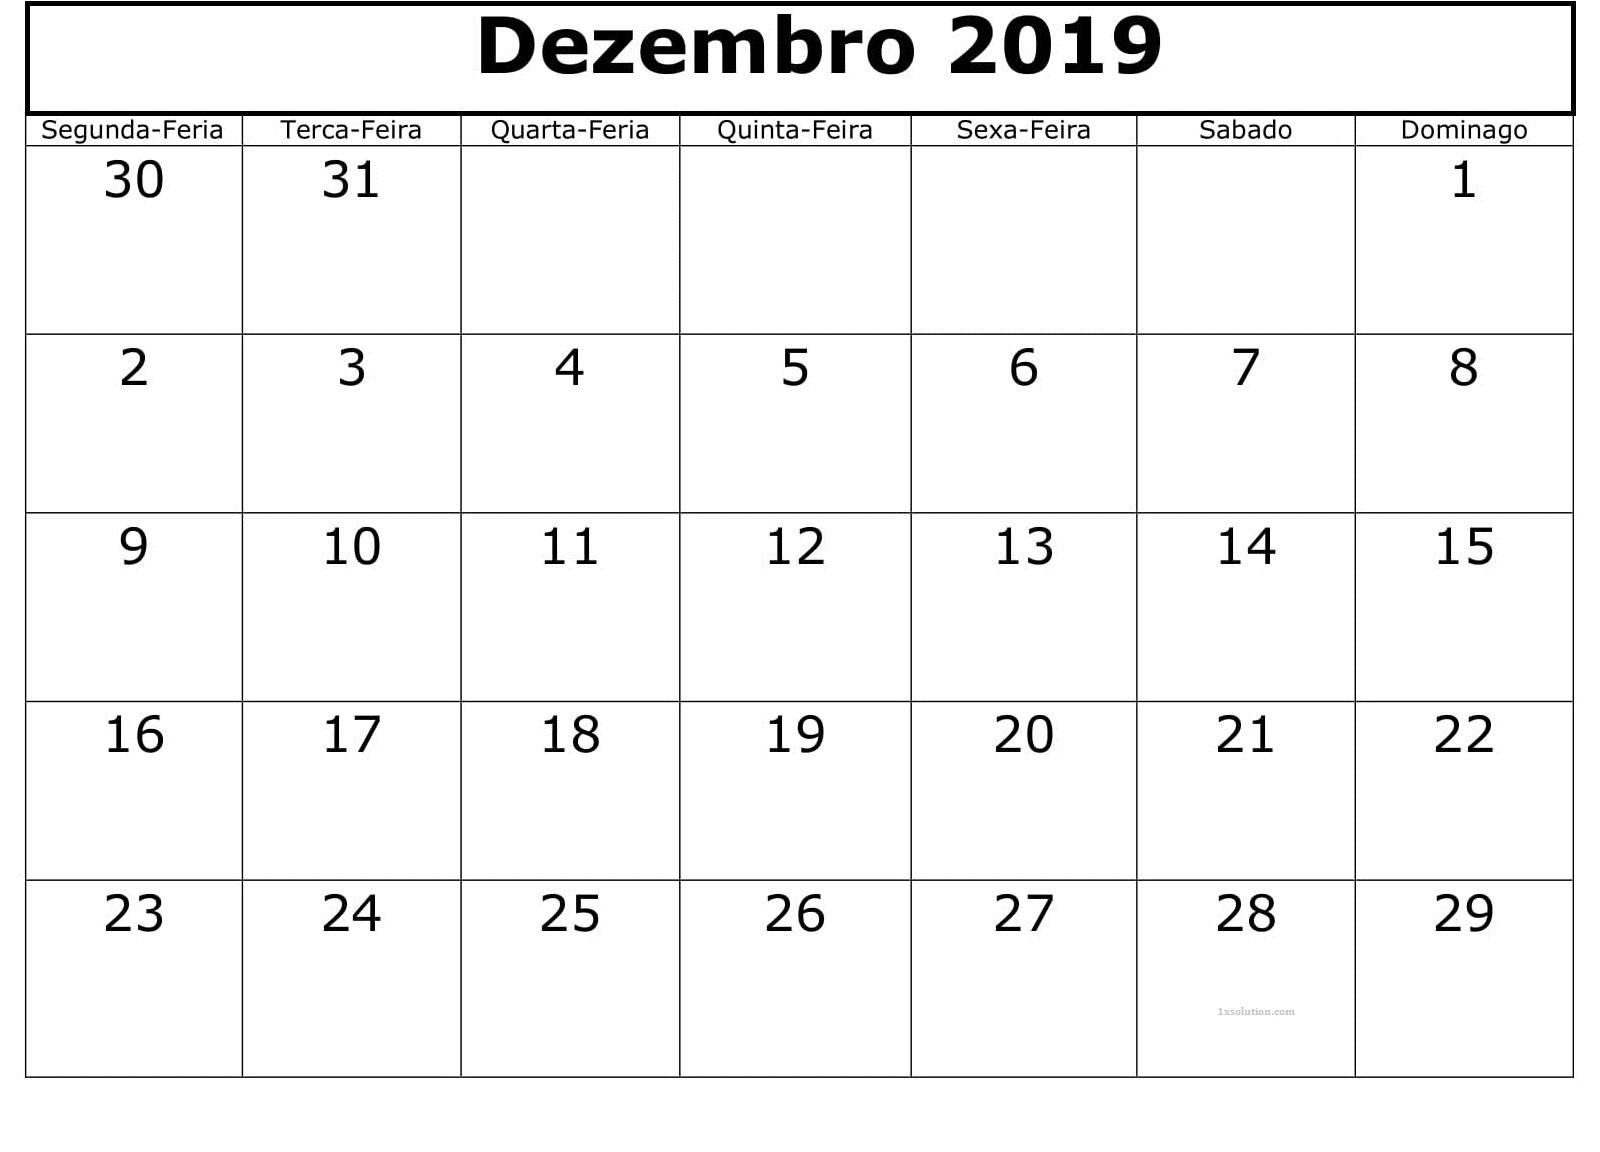 Calendário Dezembro 2019 Imprimir Documento